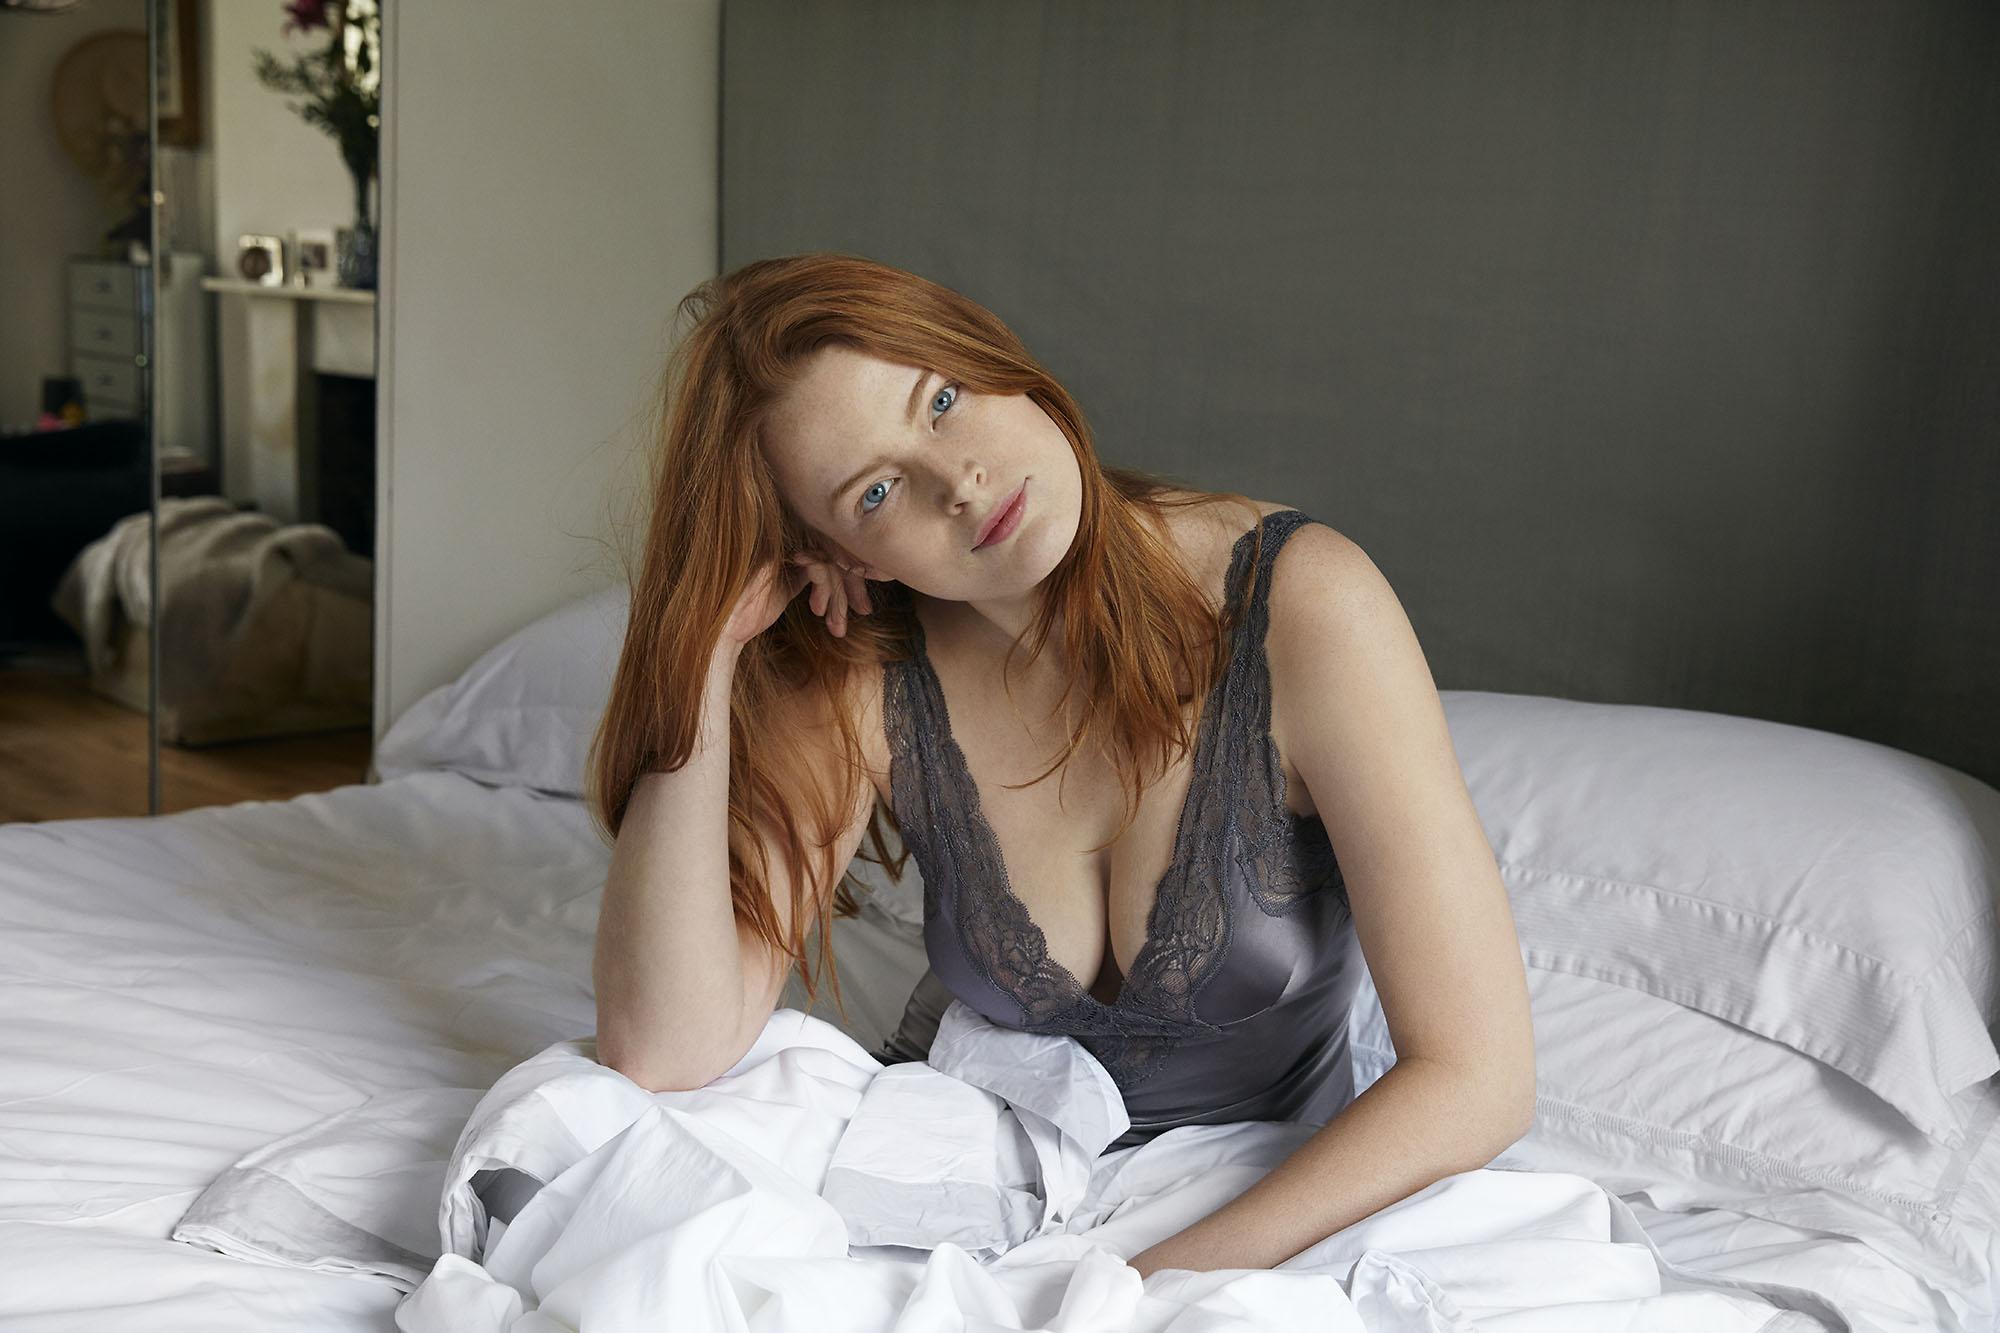 Karan Kapoor red head girl sitting in bed.